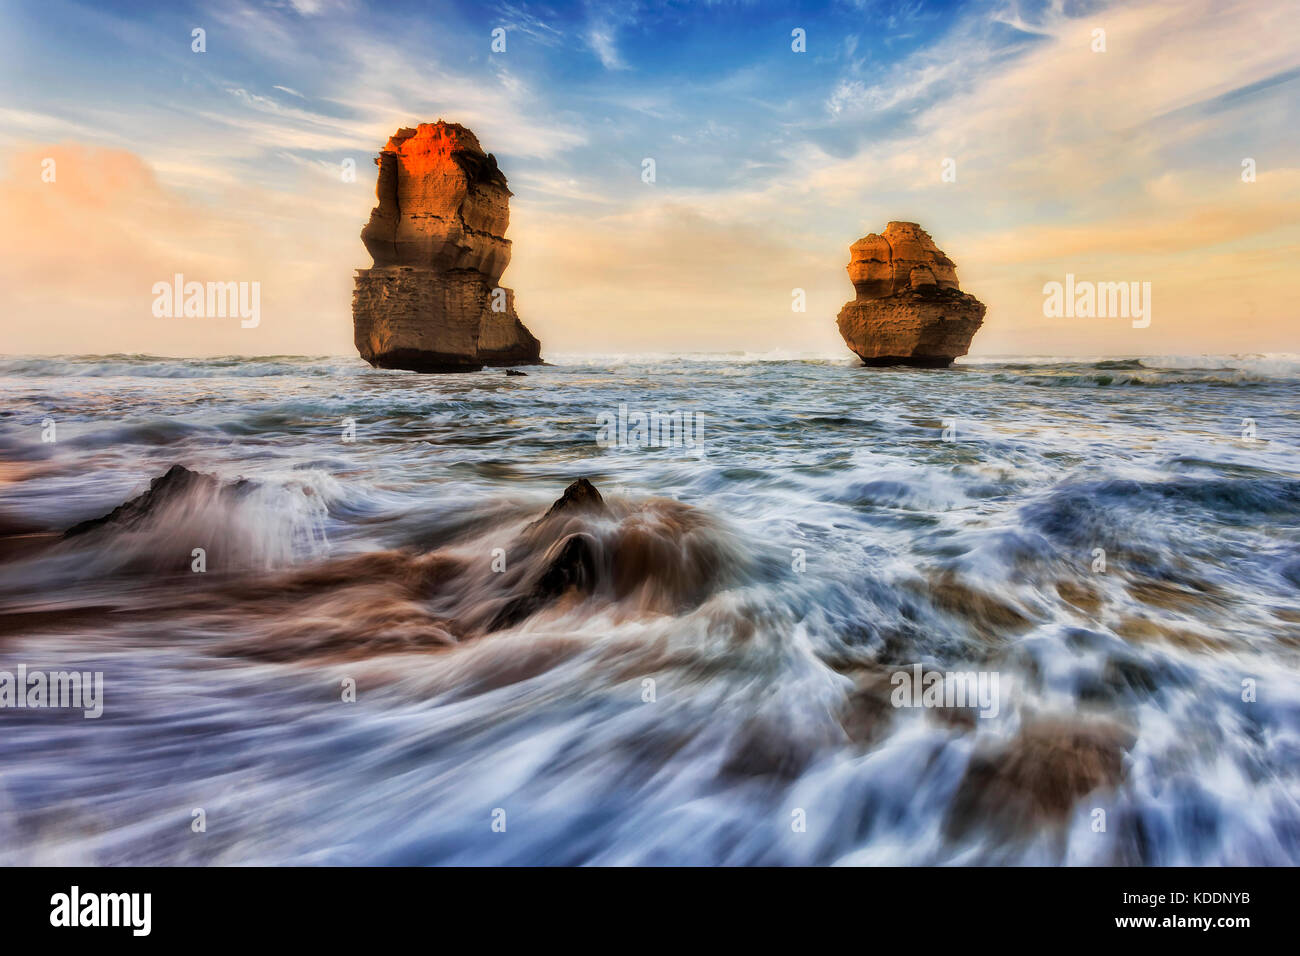 2 Kalkstein Apostel Gibson Schritte Strand in zwölf Apostel marine Park bei Sonnenaufgang Sonnenlicht. Stockbild